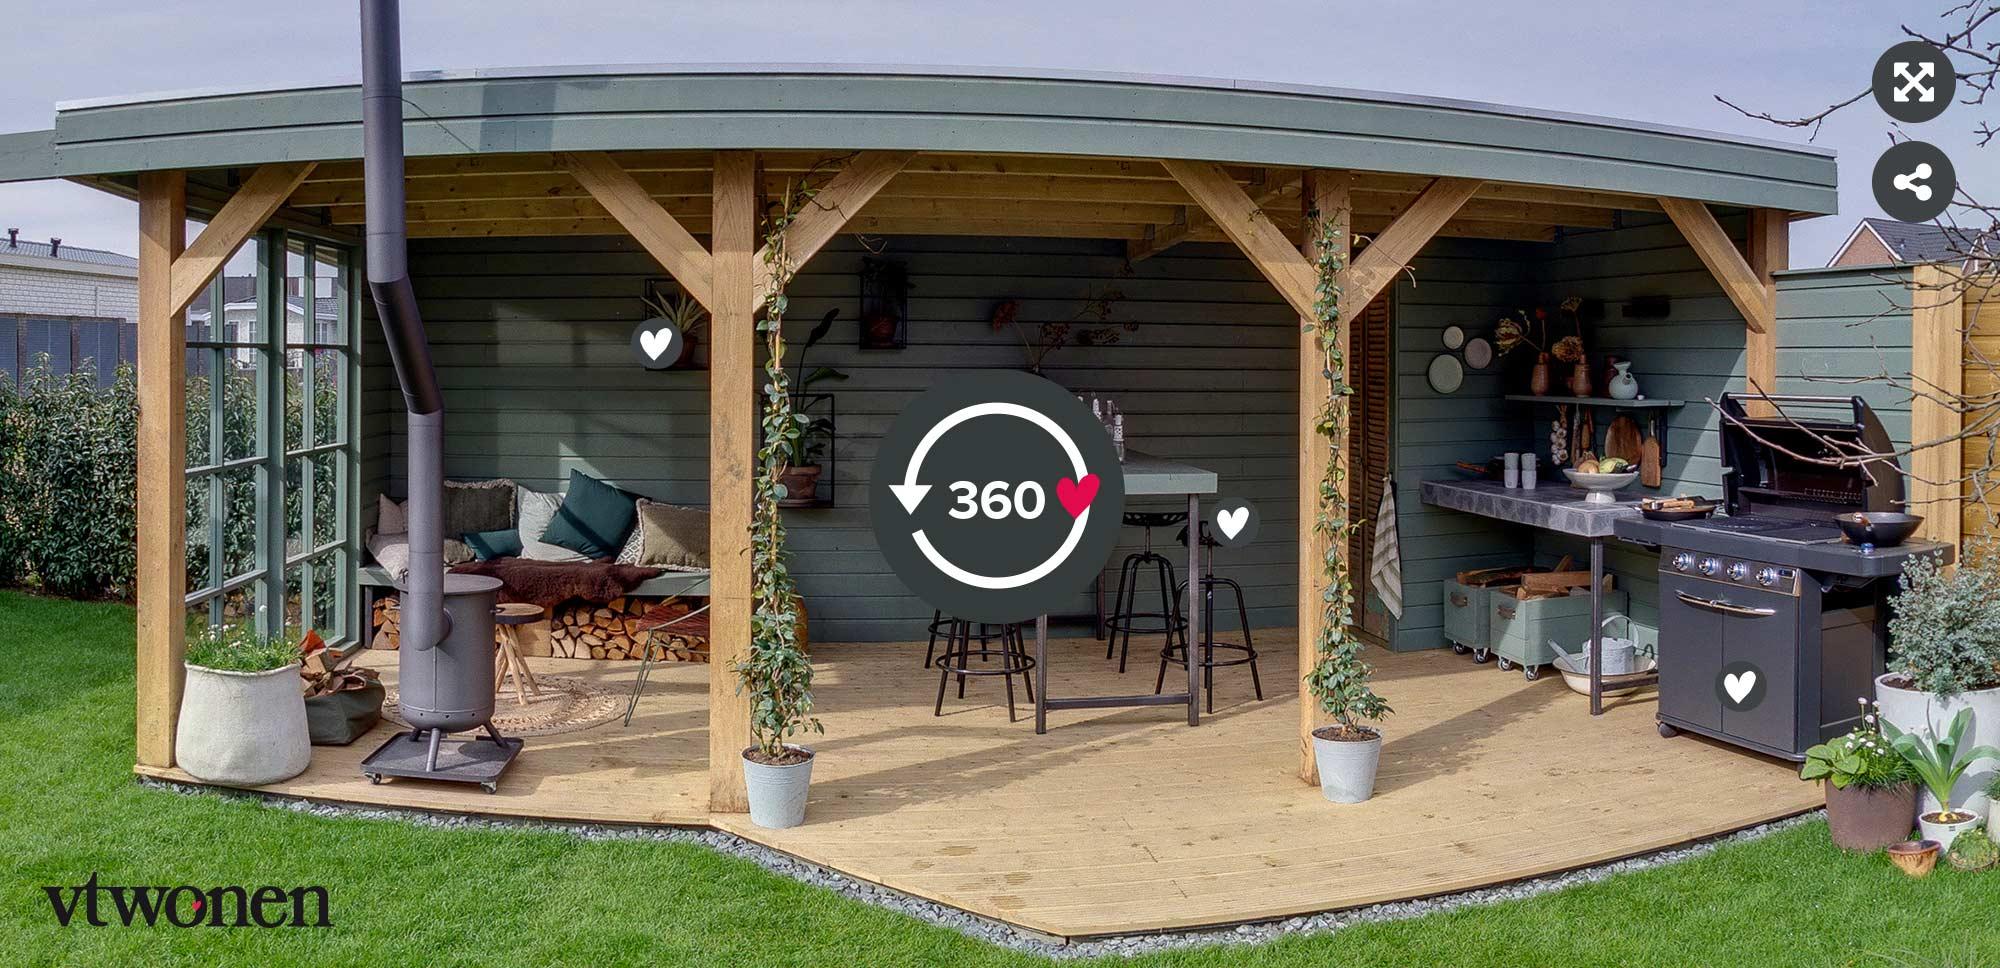 360 tour van de vtwonen tuin make-over in Apeldoorn